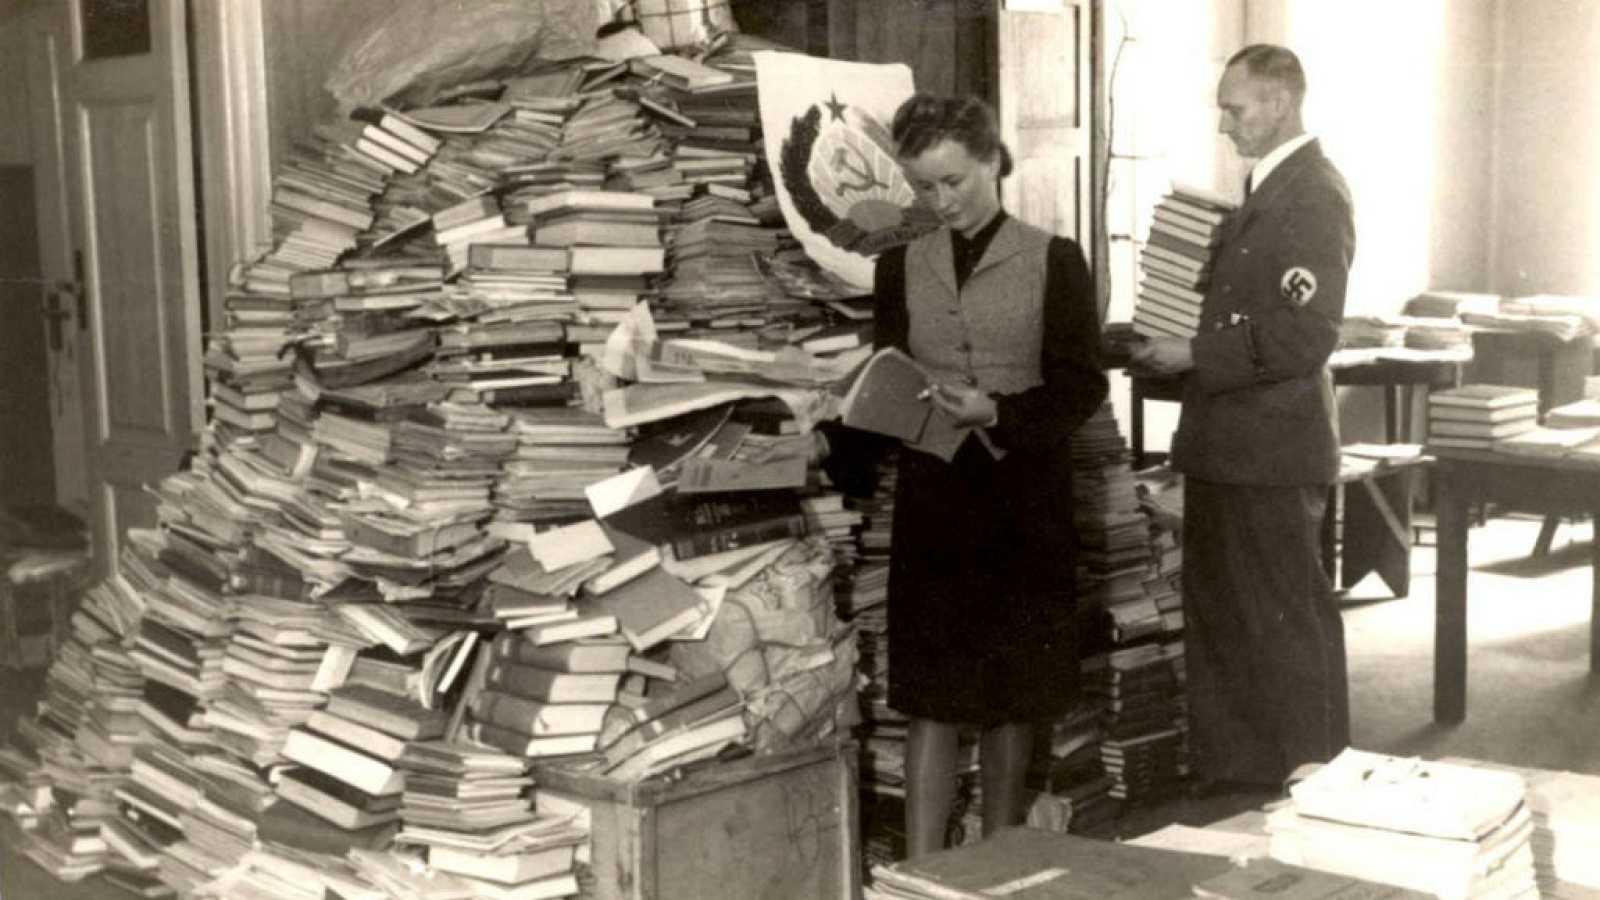 Mundo aparte - Devolver los libros expropiados por los nazis - 16/06/19 - Escuchar ahora